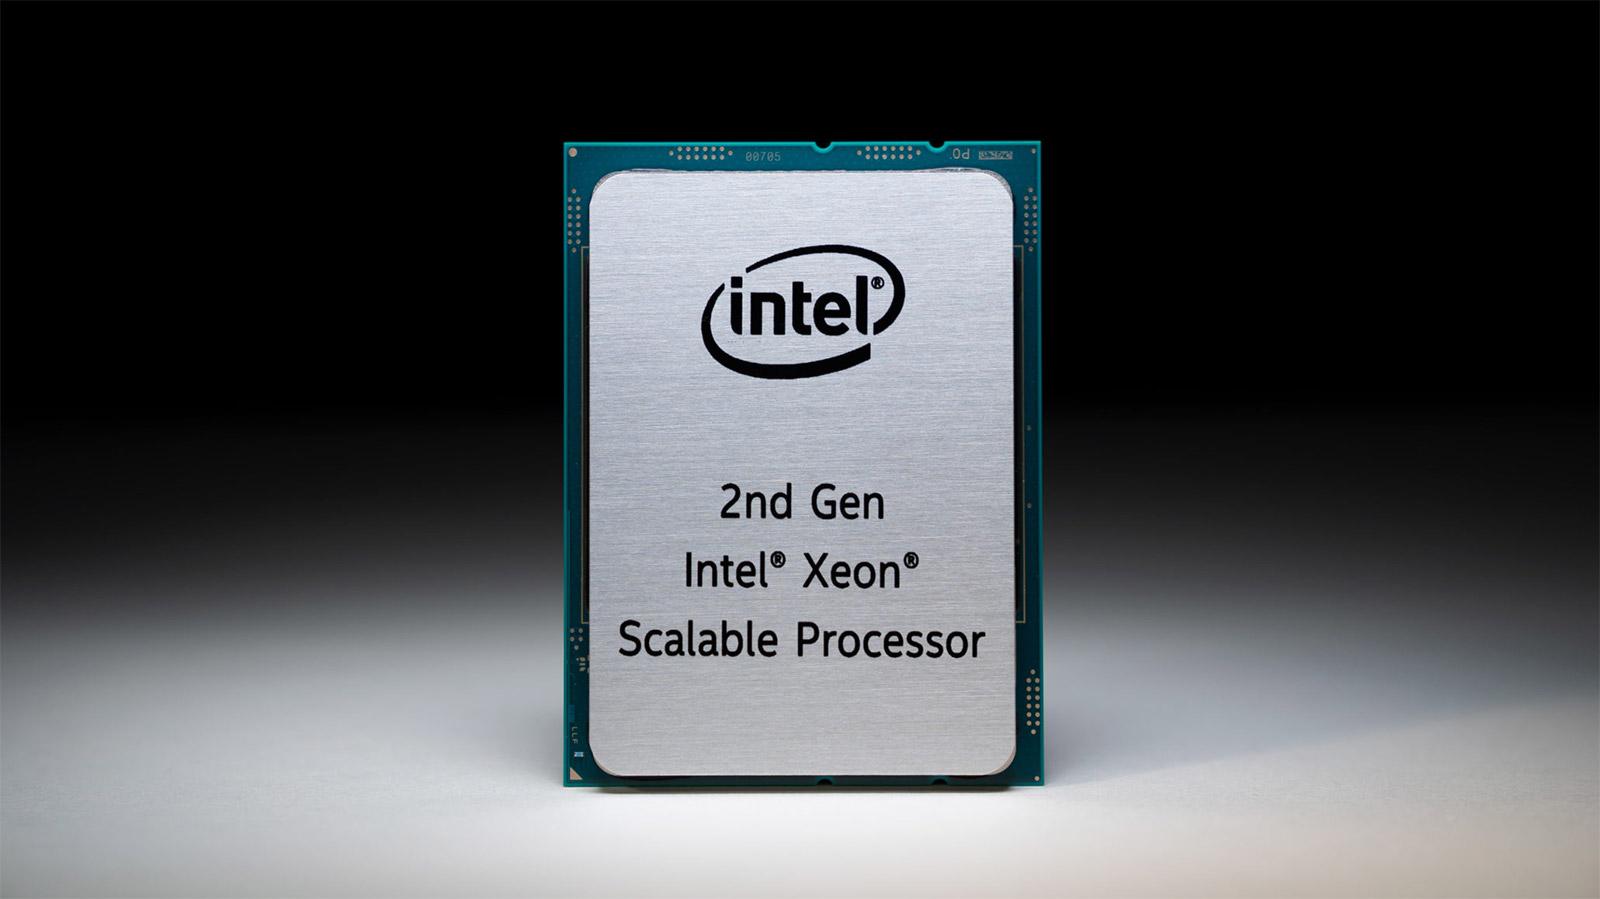 Intel Xeon prozesadore eskalagarriak 2.  aurkezten den belaunaldia.  Nukleo gehiago prezio askoz baxuagoan